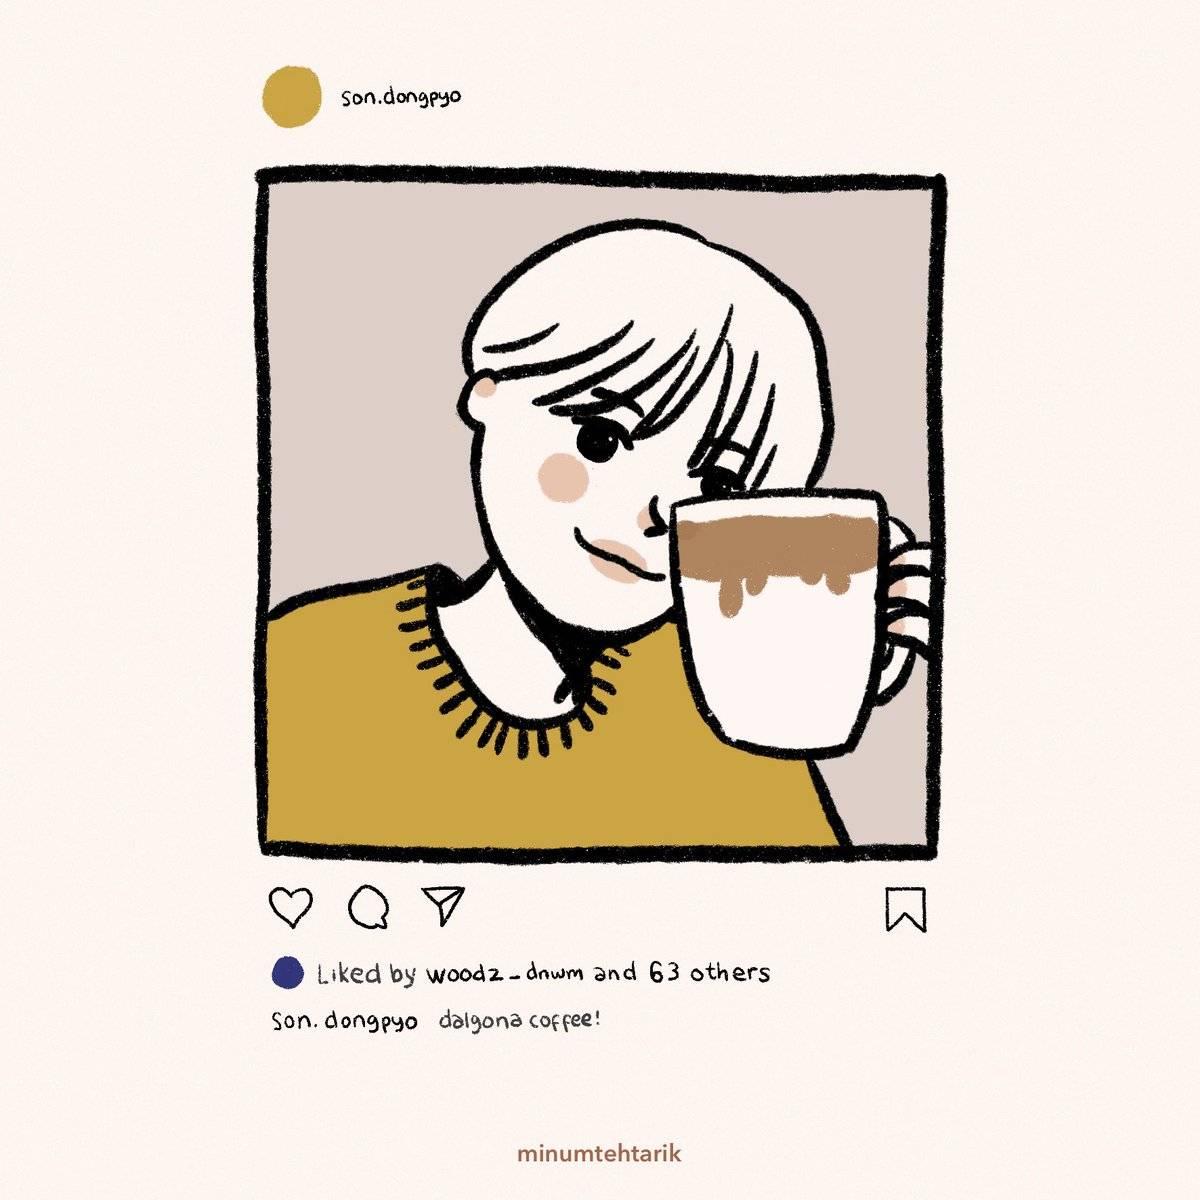 Дальгона кофе по-корейски